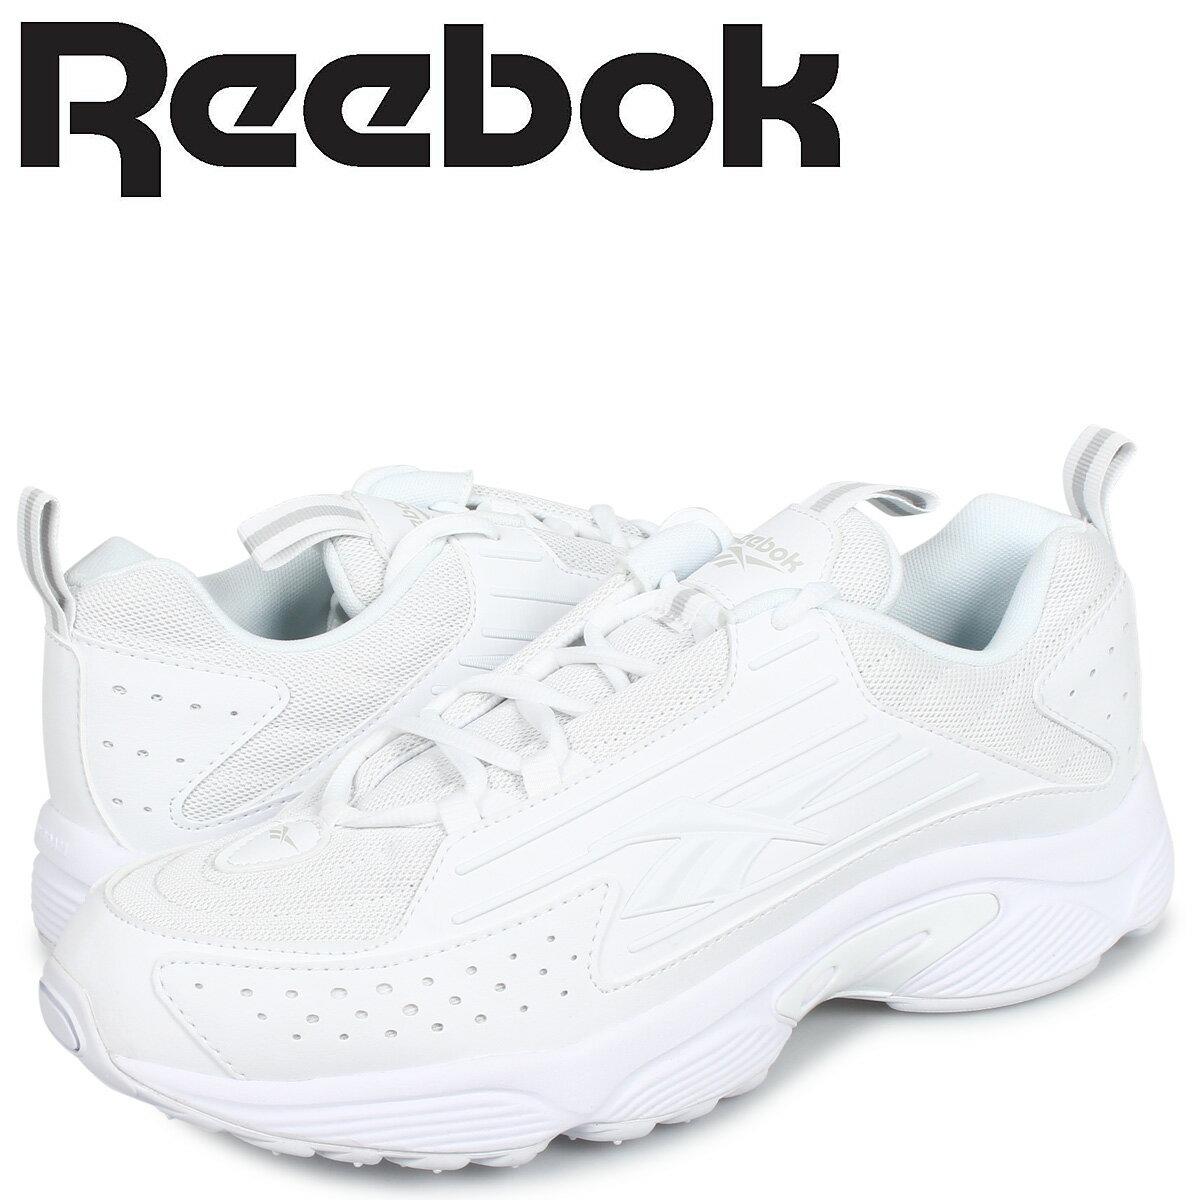 メンズ靴, スニーカー 1000OFF Reebok DMX SERIES 2K DV9724